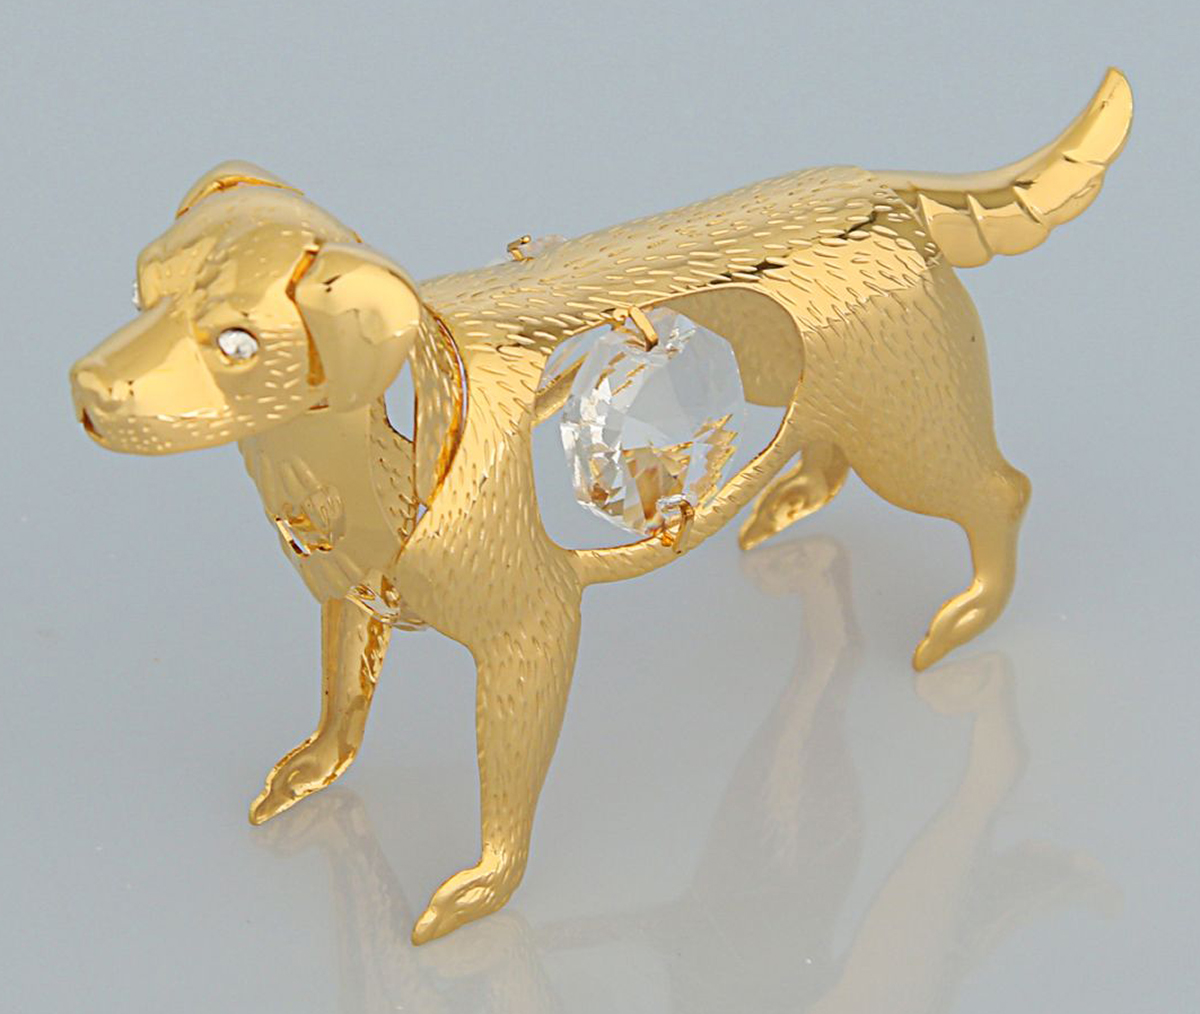 Миниатюра Swarovski Elements Собака, с кристаллом Сваровски, 8 х 2 х 5 см1903078Перед вами — сувенир в полном смысле этого слова. И главная его задача — хранить воспоминание о месте, где вы побывали, или о том человеке, который подарил данный предмет. Преподнесите эту вещь своему другу, и она станет достойным украшением его дома.